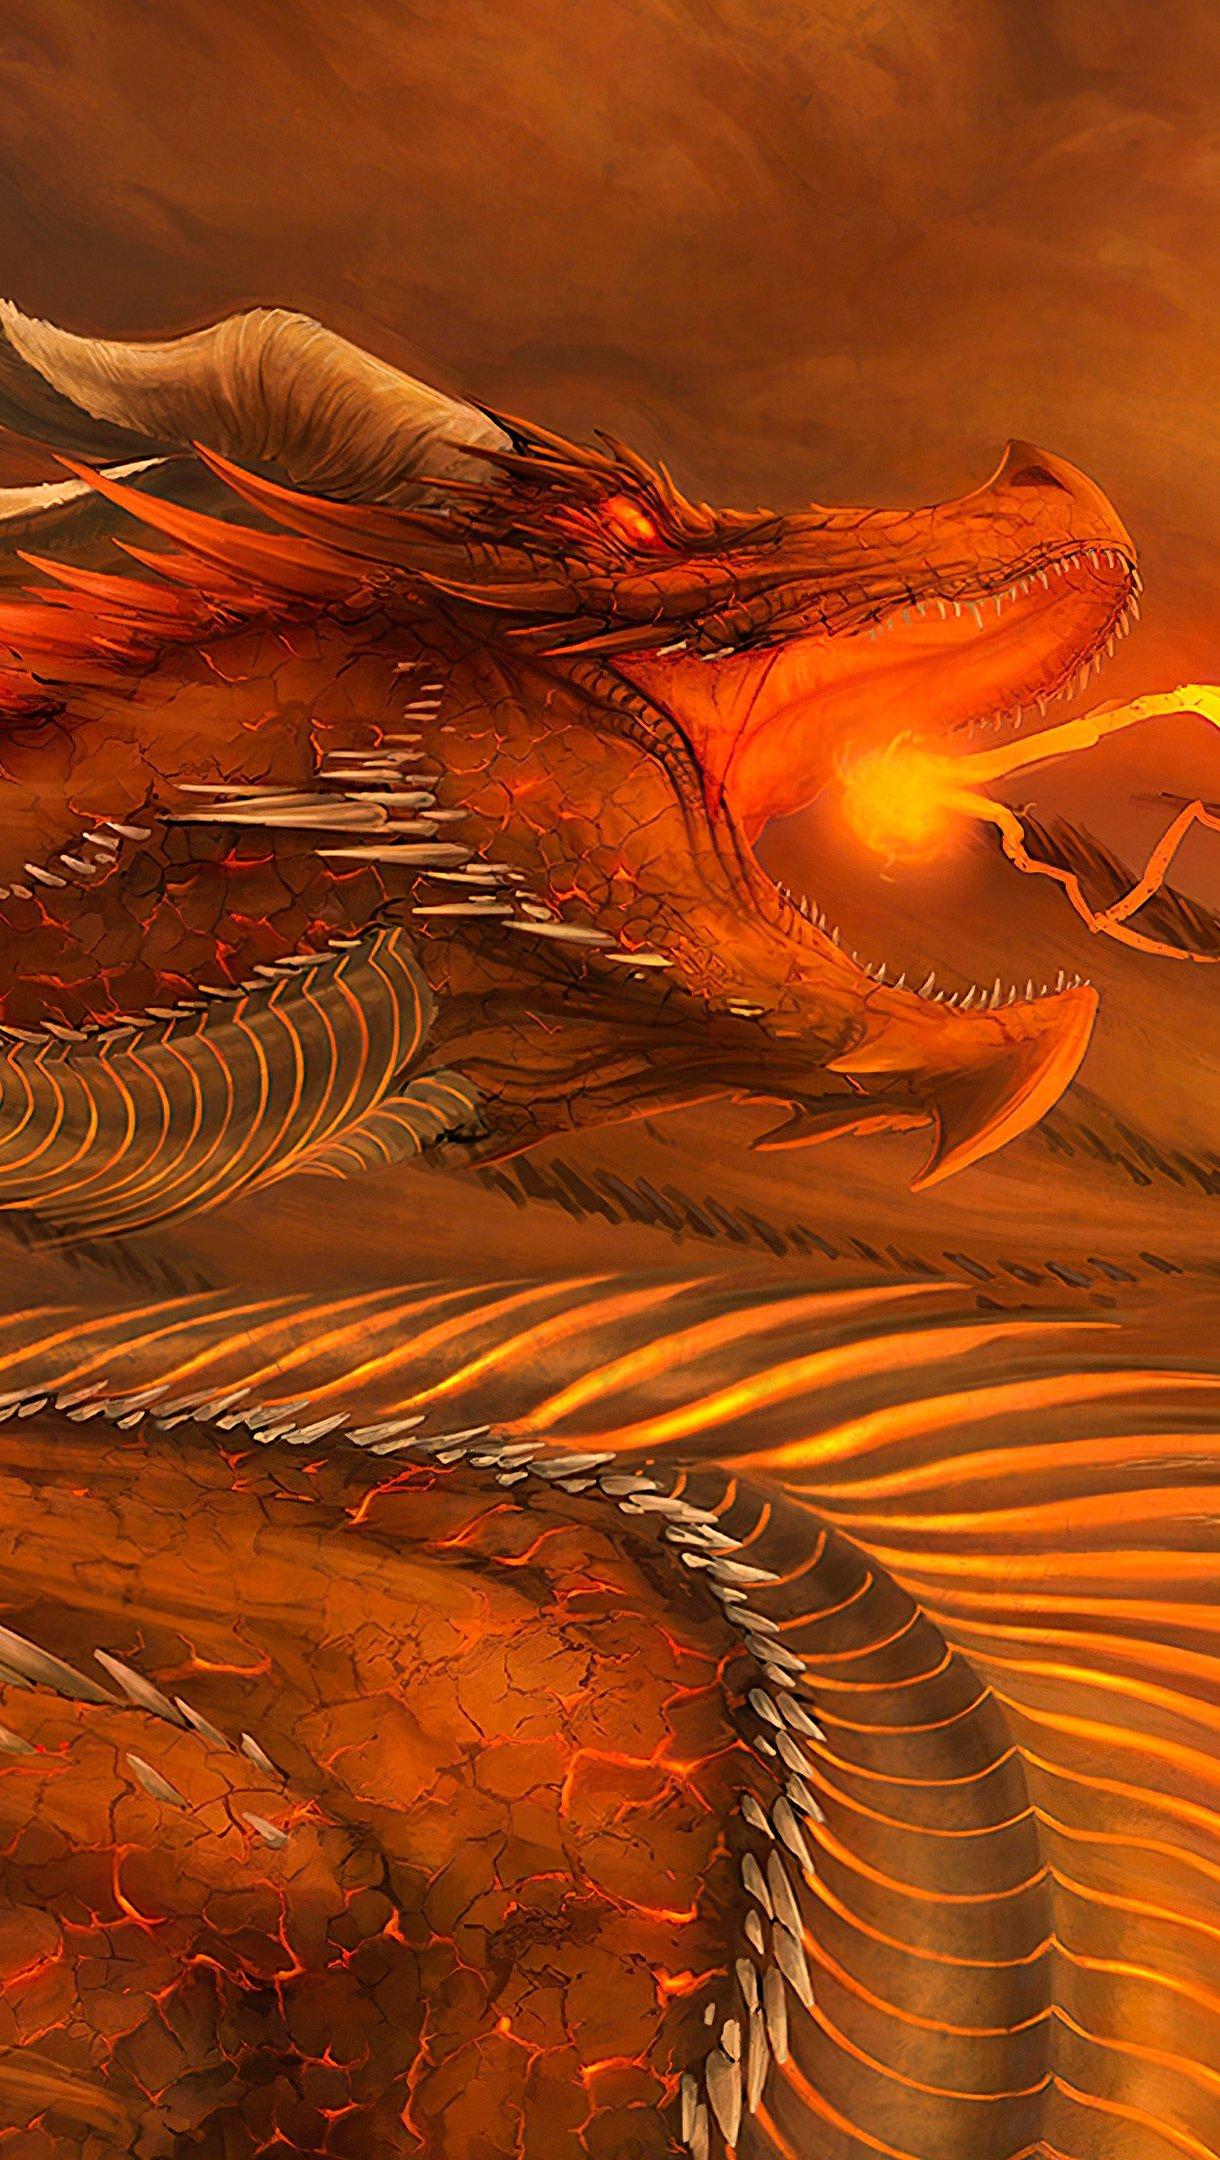 Fondos de pantalla Dragón Vertical